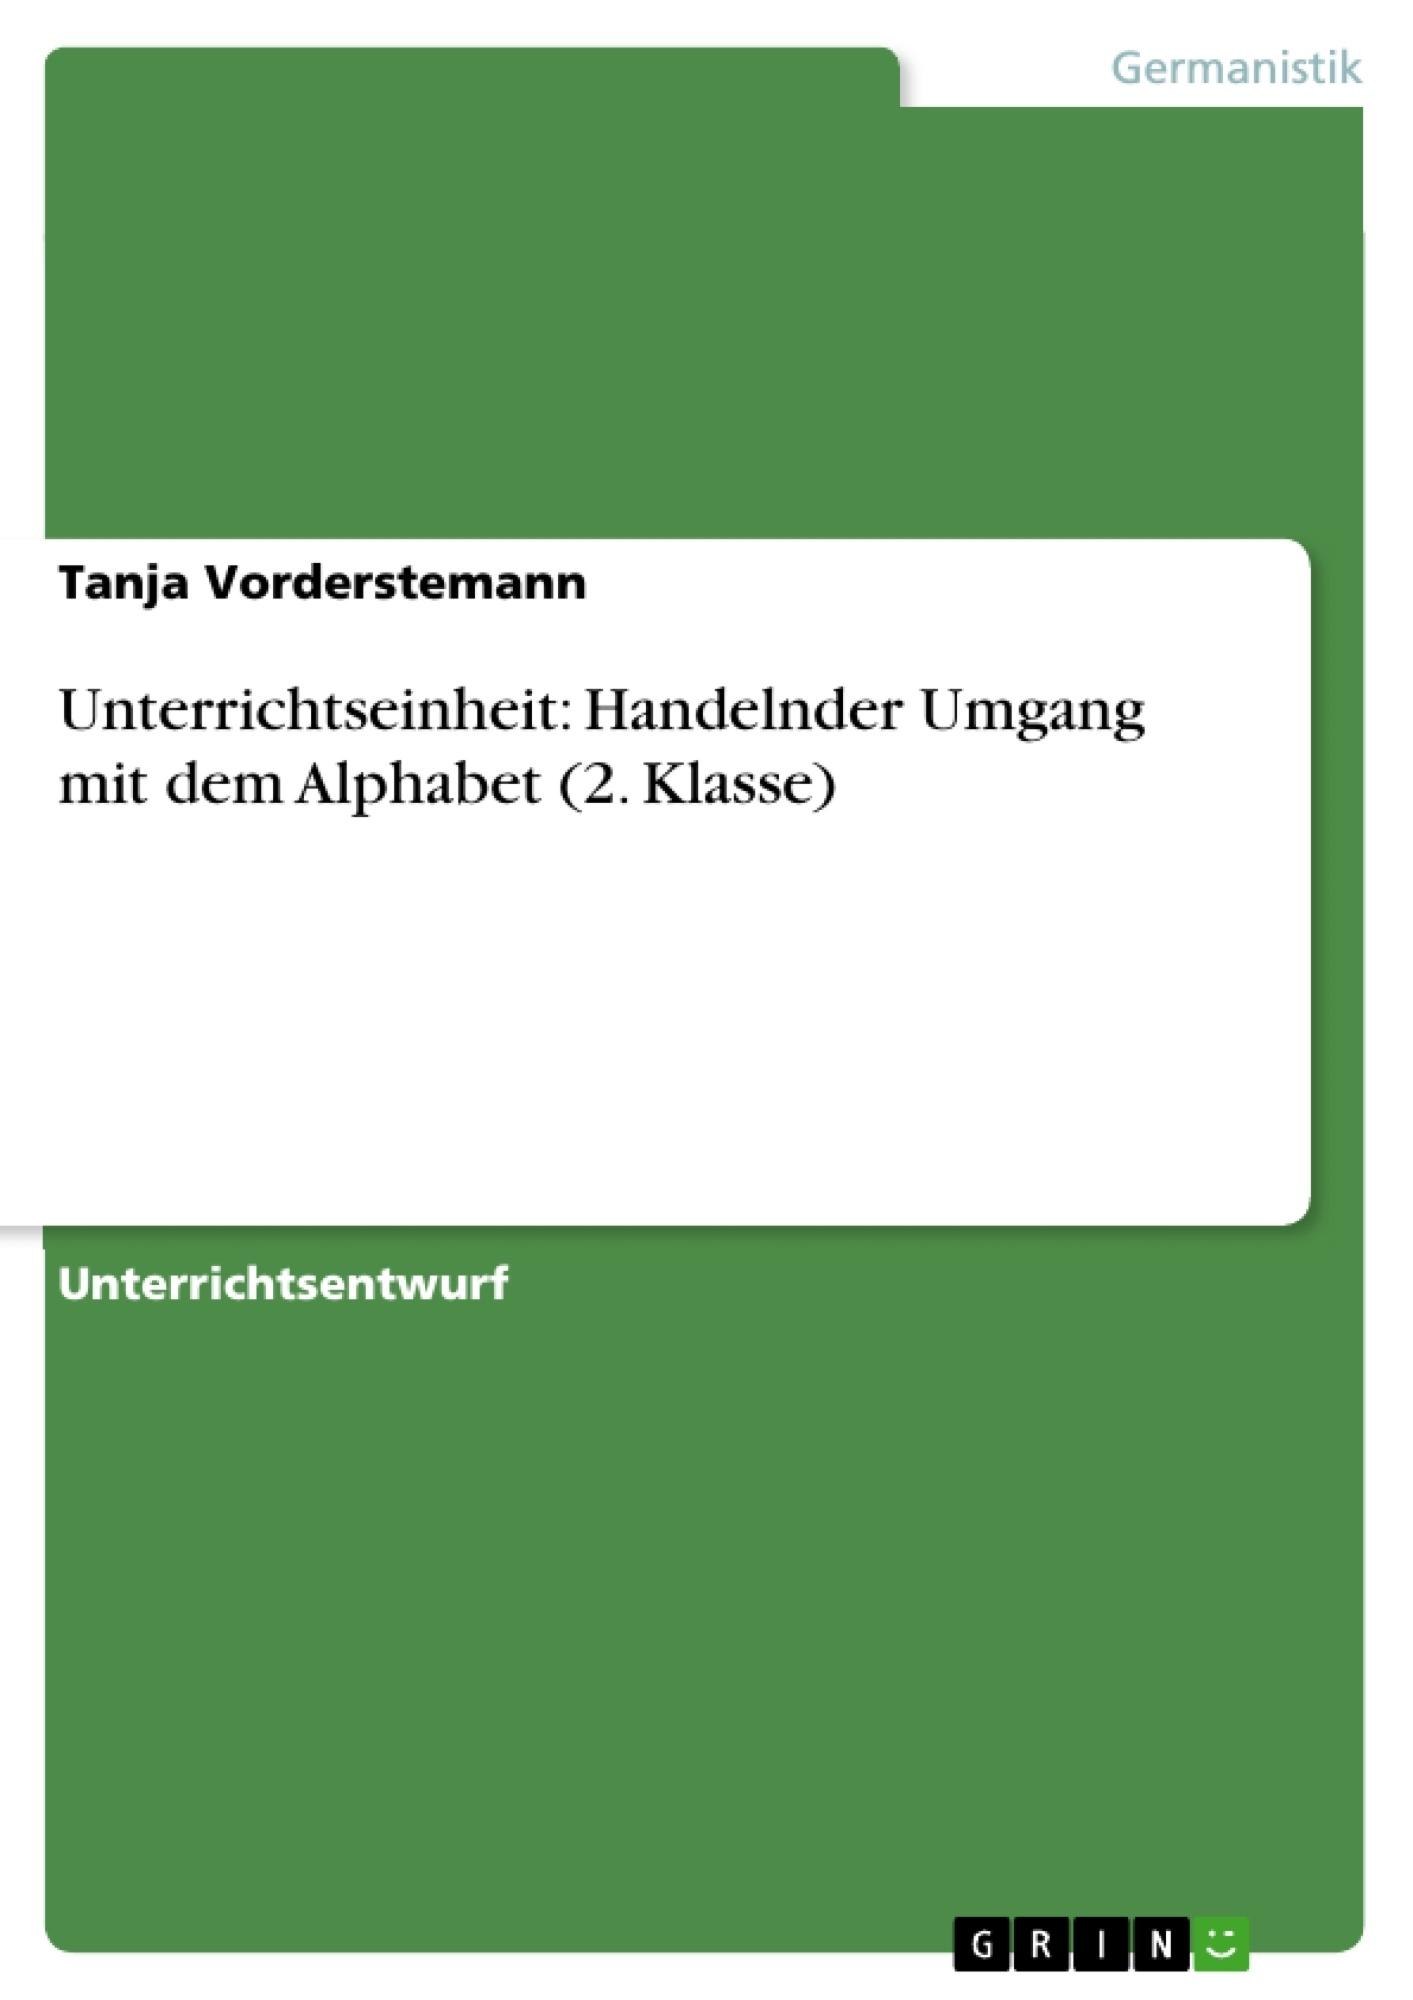 Titel: Unterrichtseinheit: Handelnder Umgang mit dem Alphabet (2. Klasse)